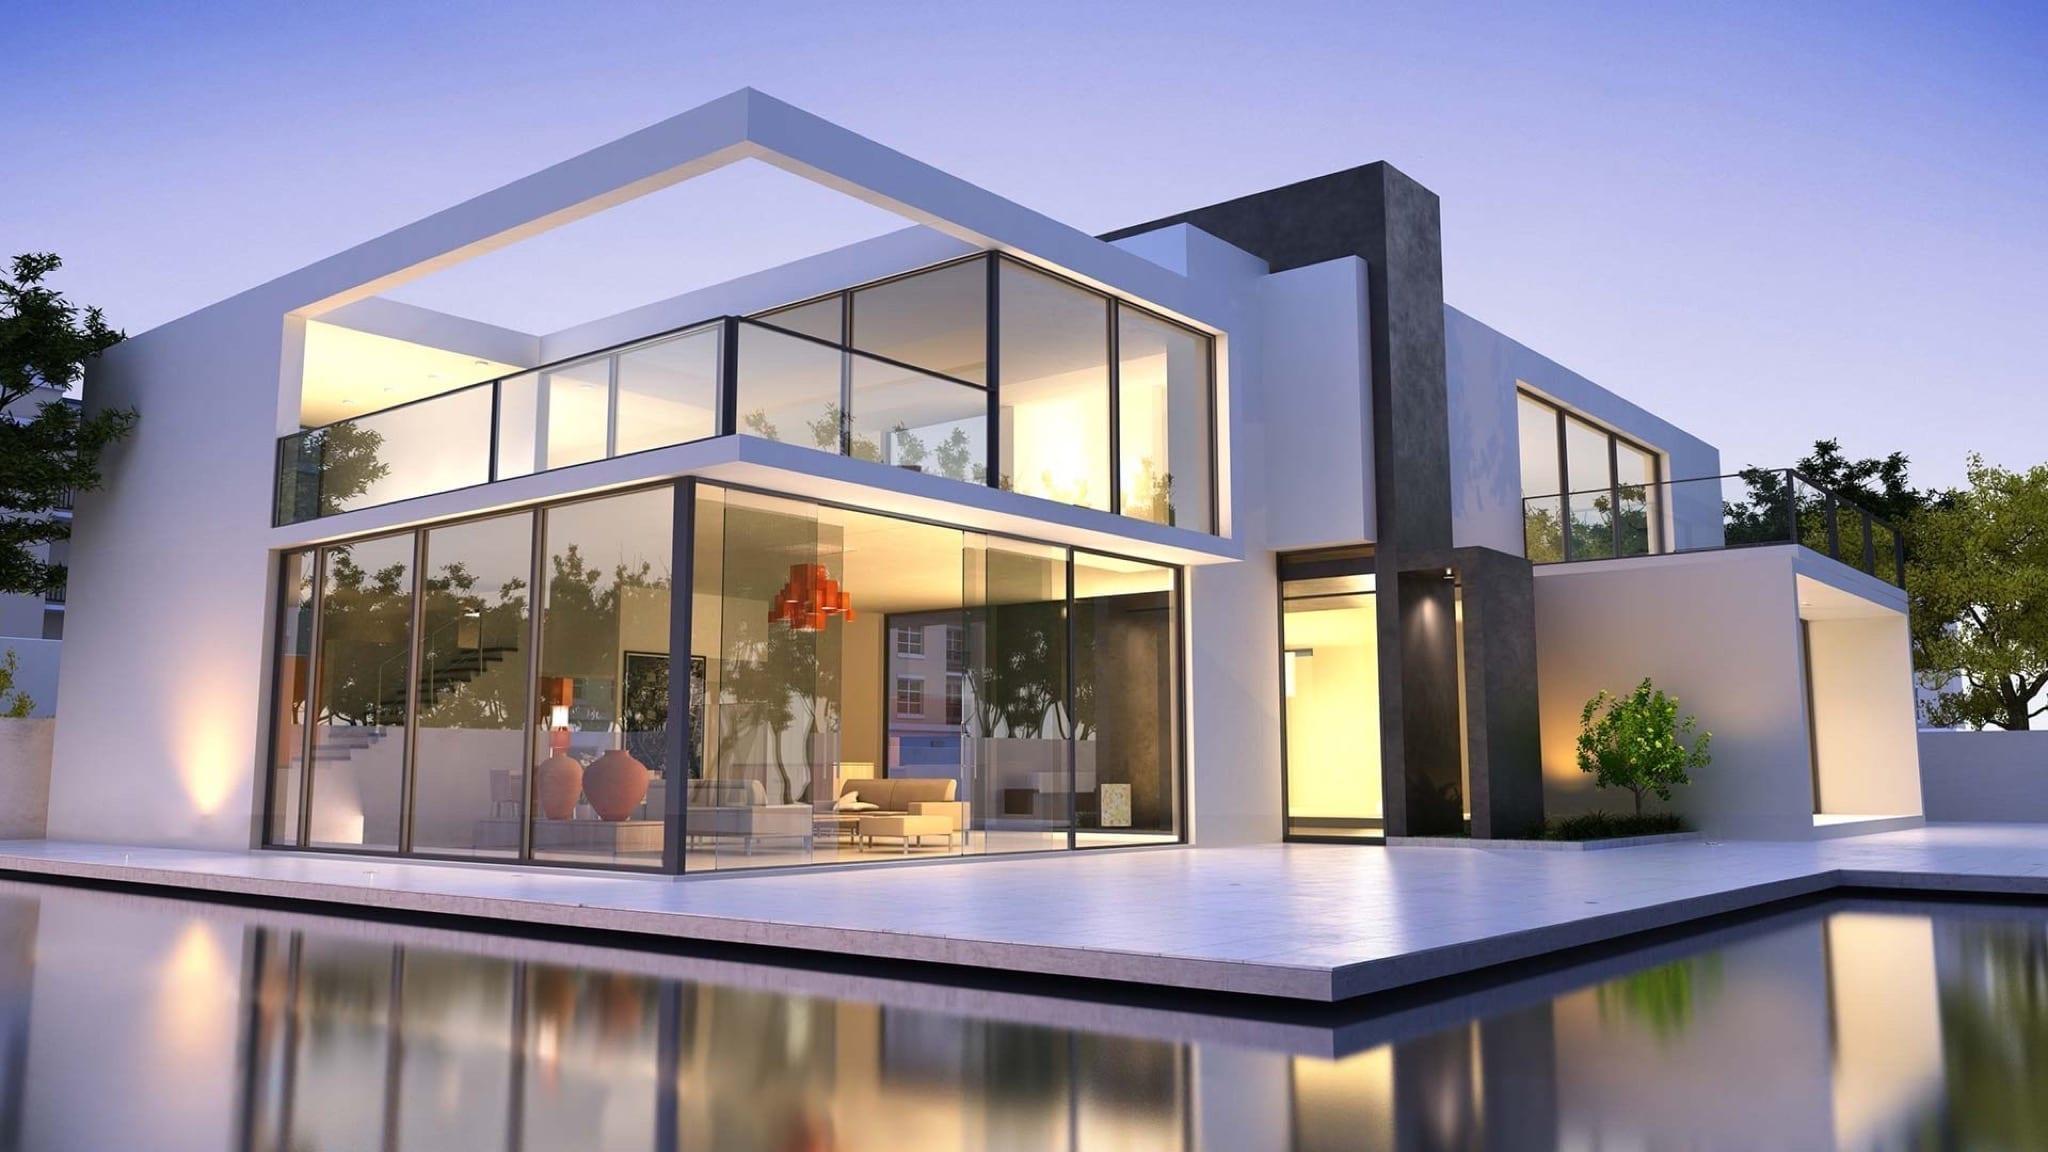 c608d8 b5c5120bbb77446897b0ec6035eadb50 mv2 copy - V-aţi propus să cumpărați o a doua casă? Luați în considerare 5 factori